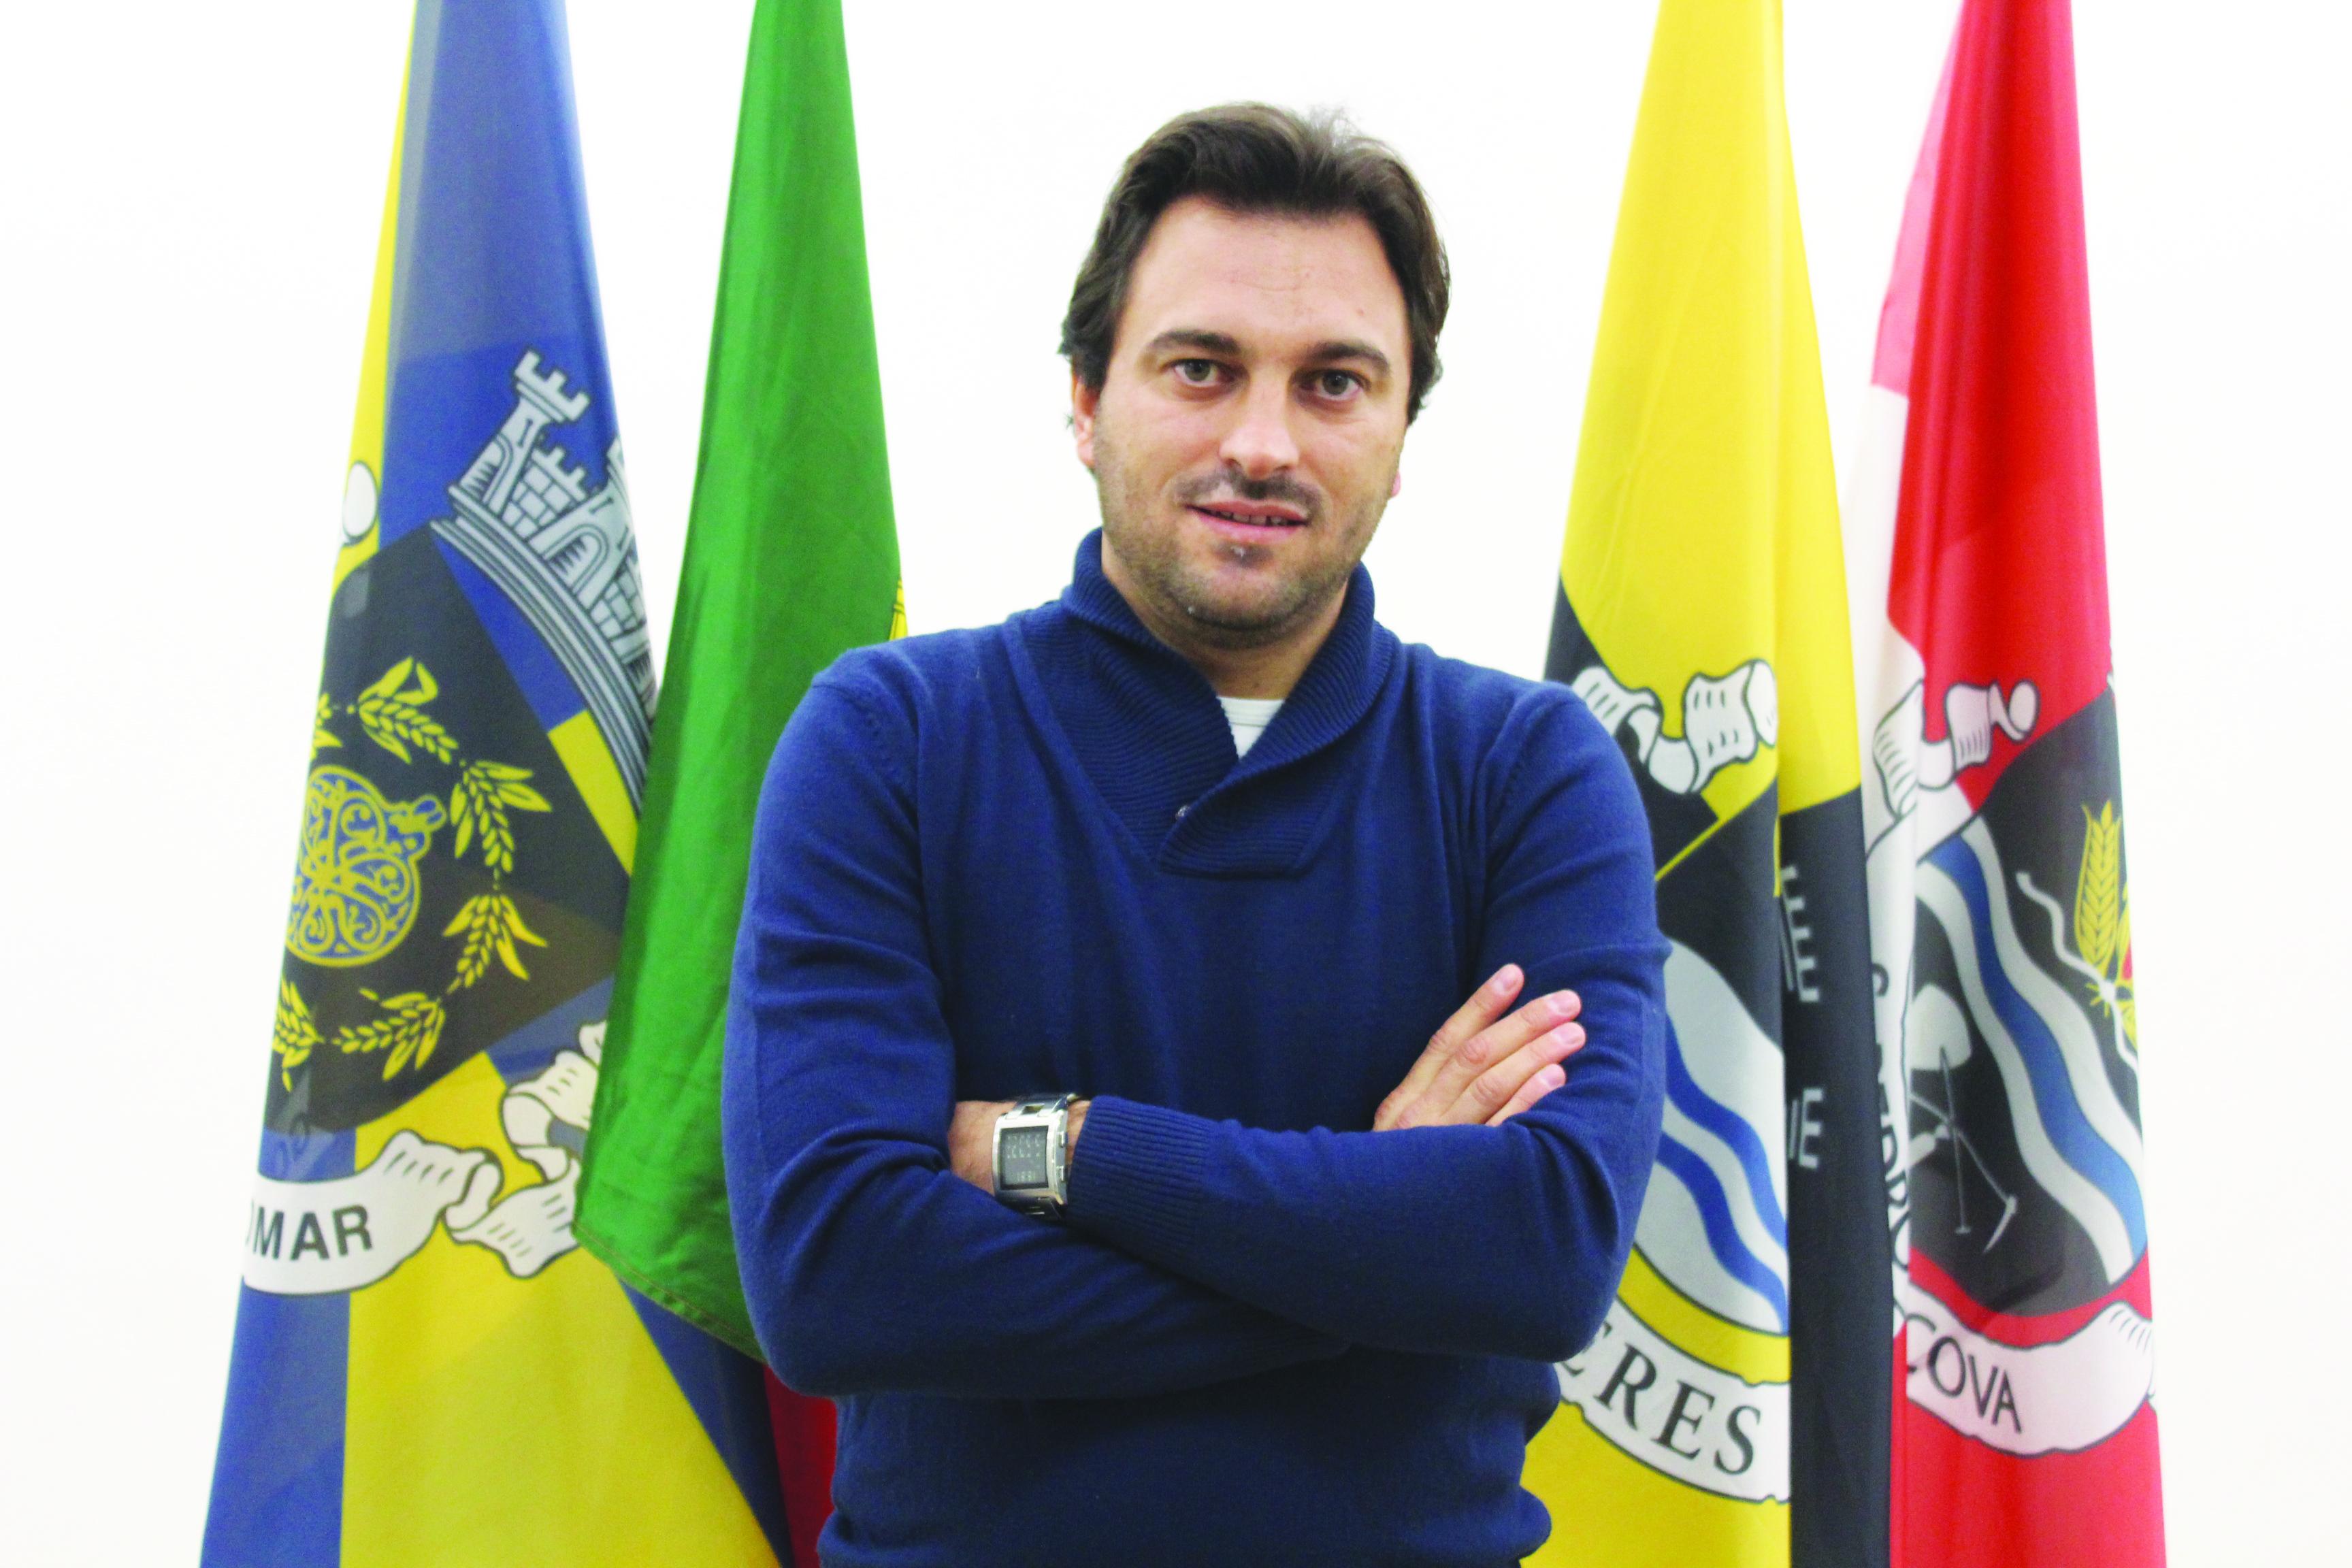 Pedro Miguel Vieira - novembro 2017